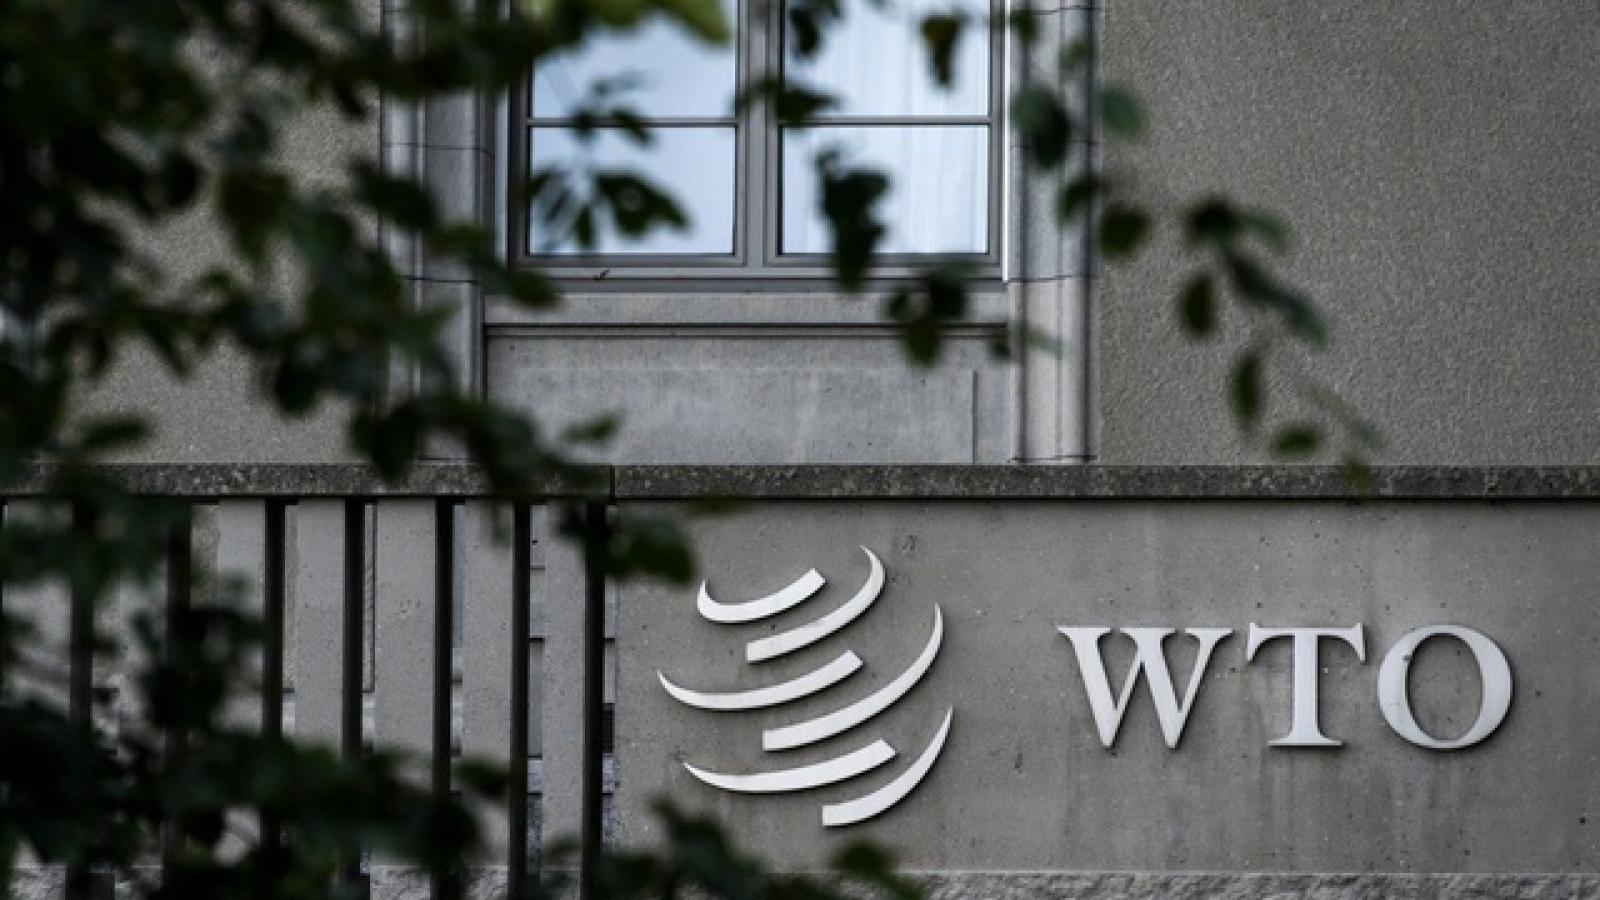 Mỹ kháng nghị phán quyết của WTO về các biện pháp thuế quan đối với Trung Quốc